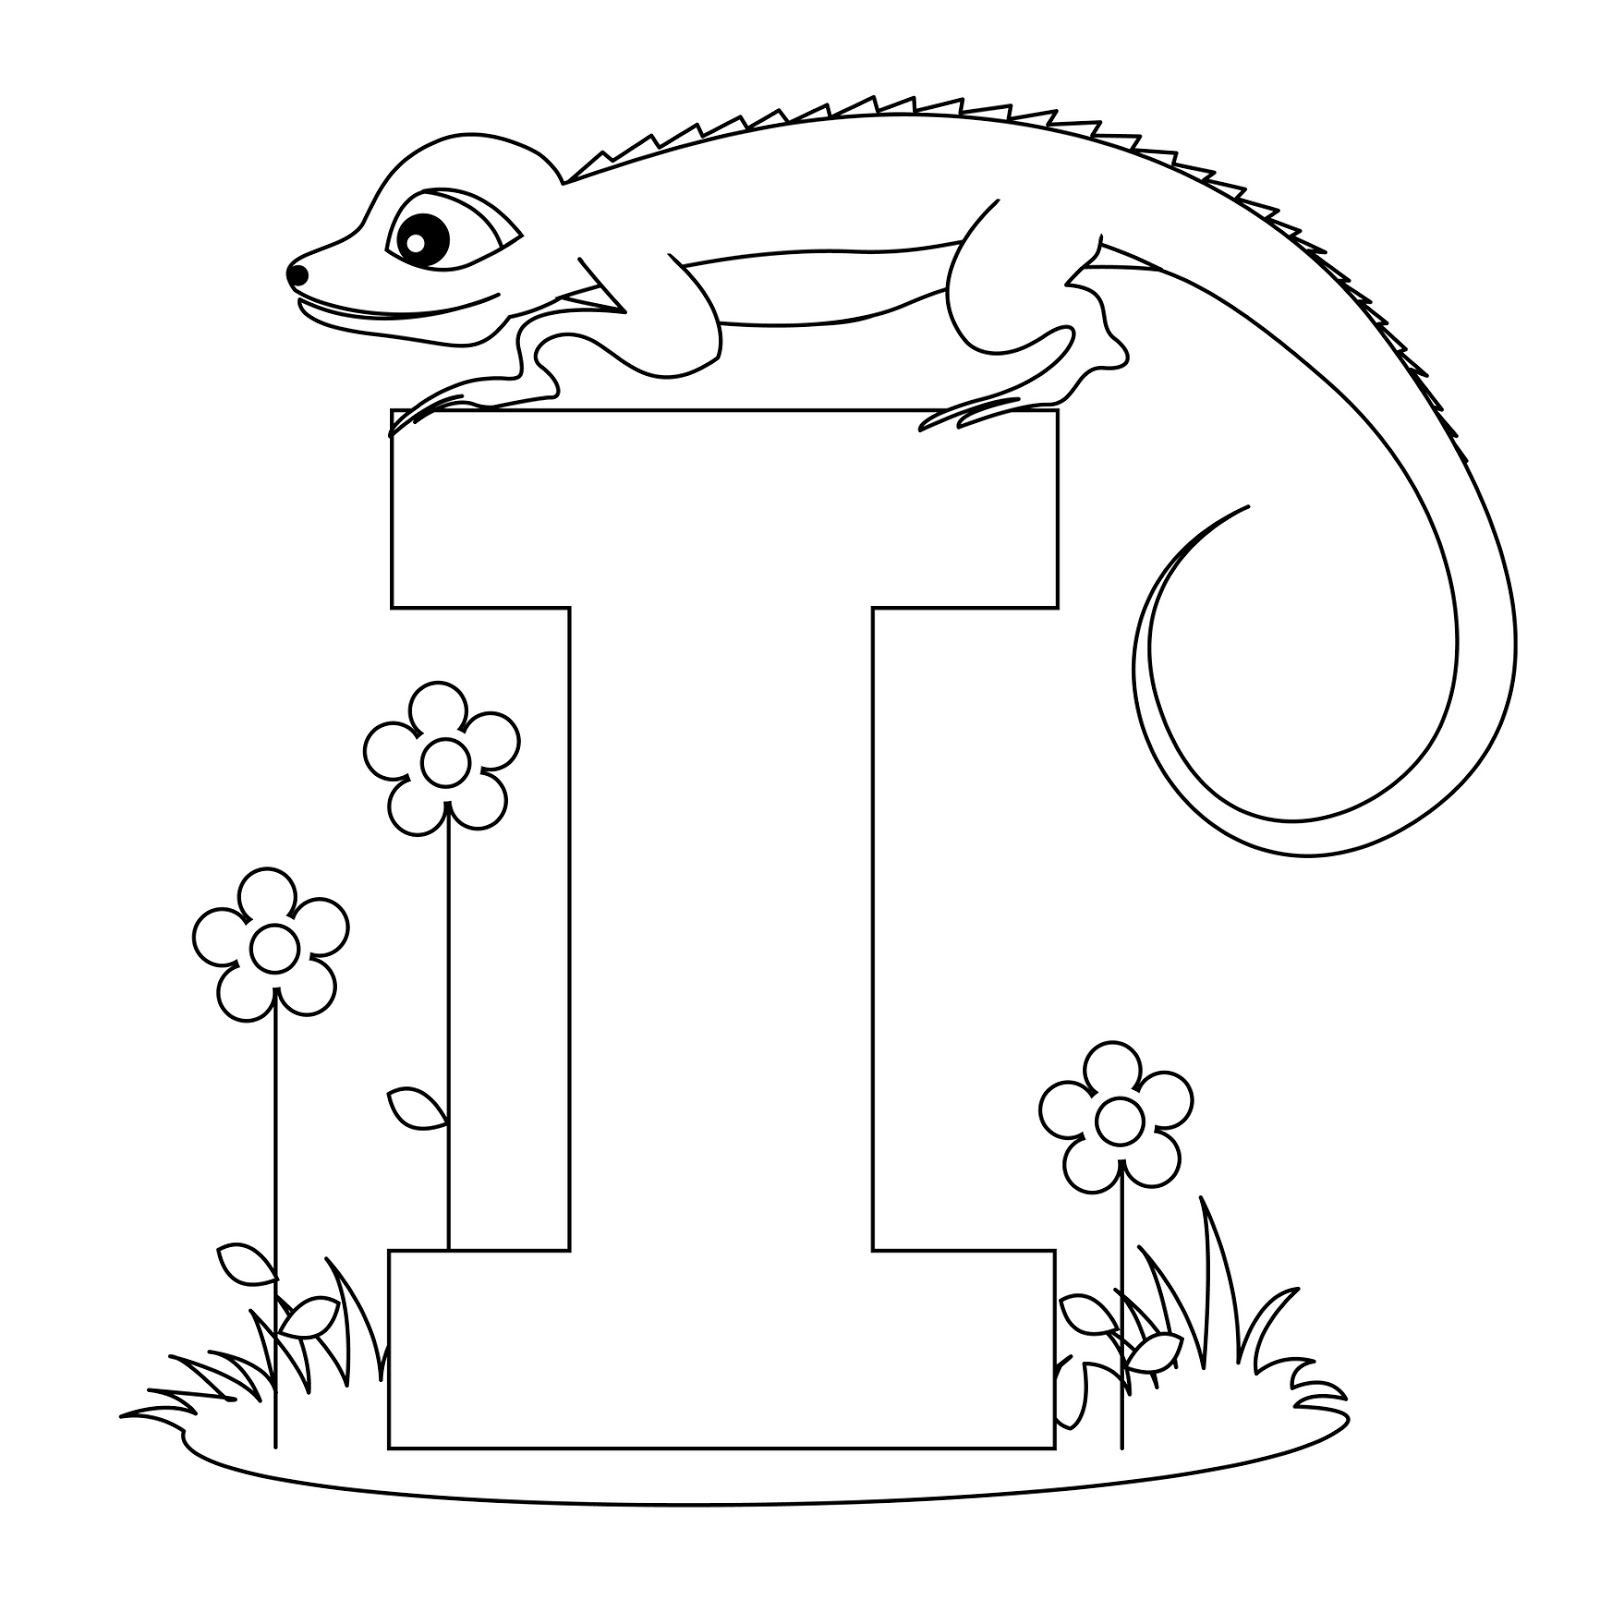 13 Best Images Of Letter Ii Worksheets For Preschool